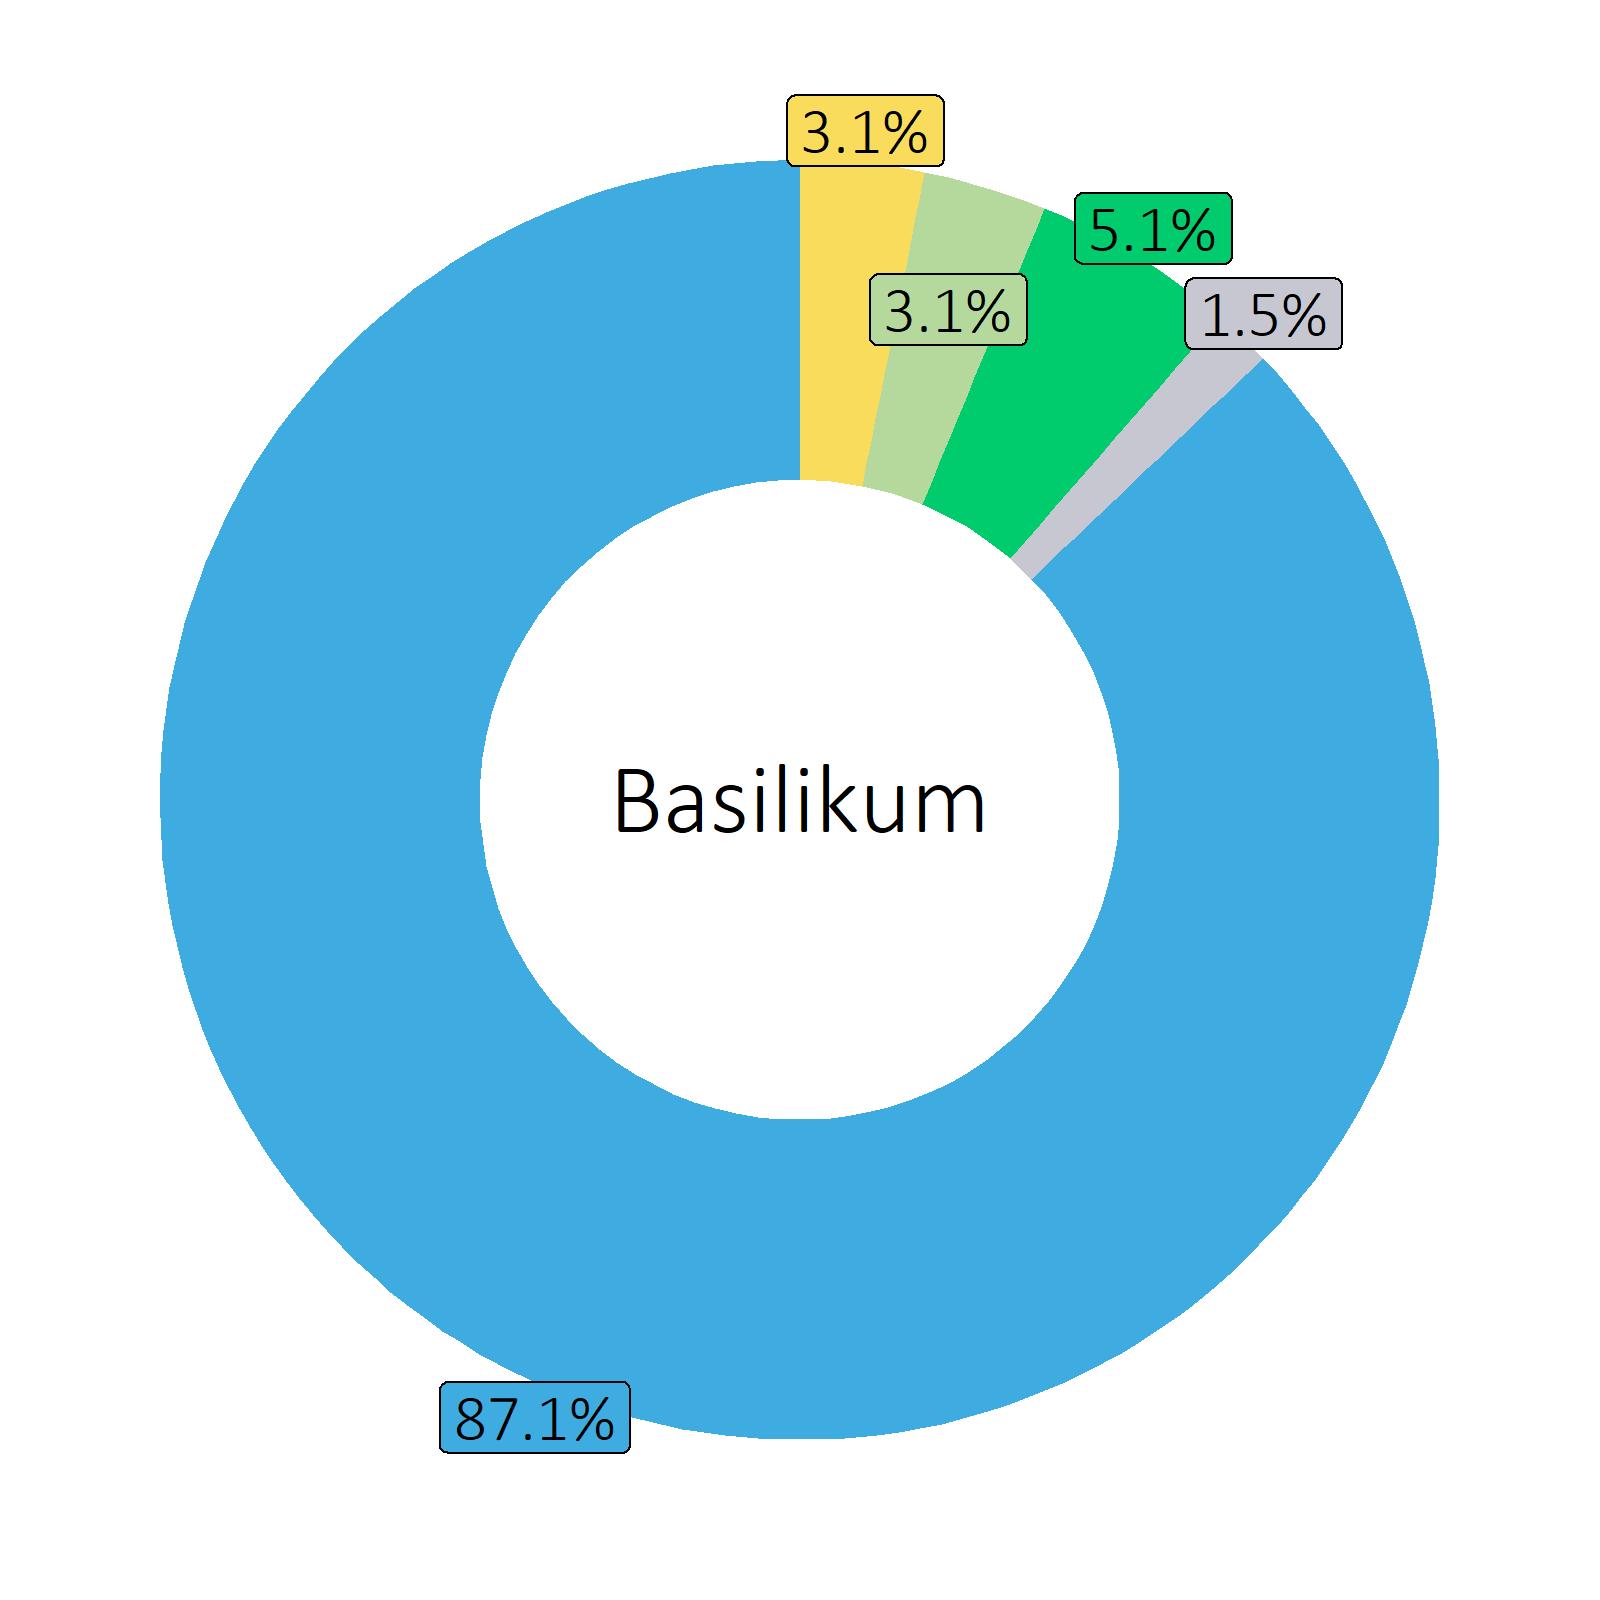 Bestandteile Basilikum